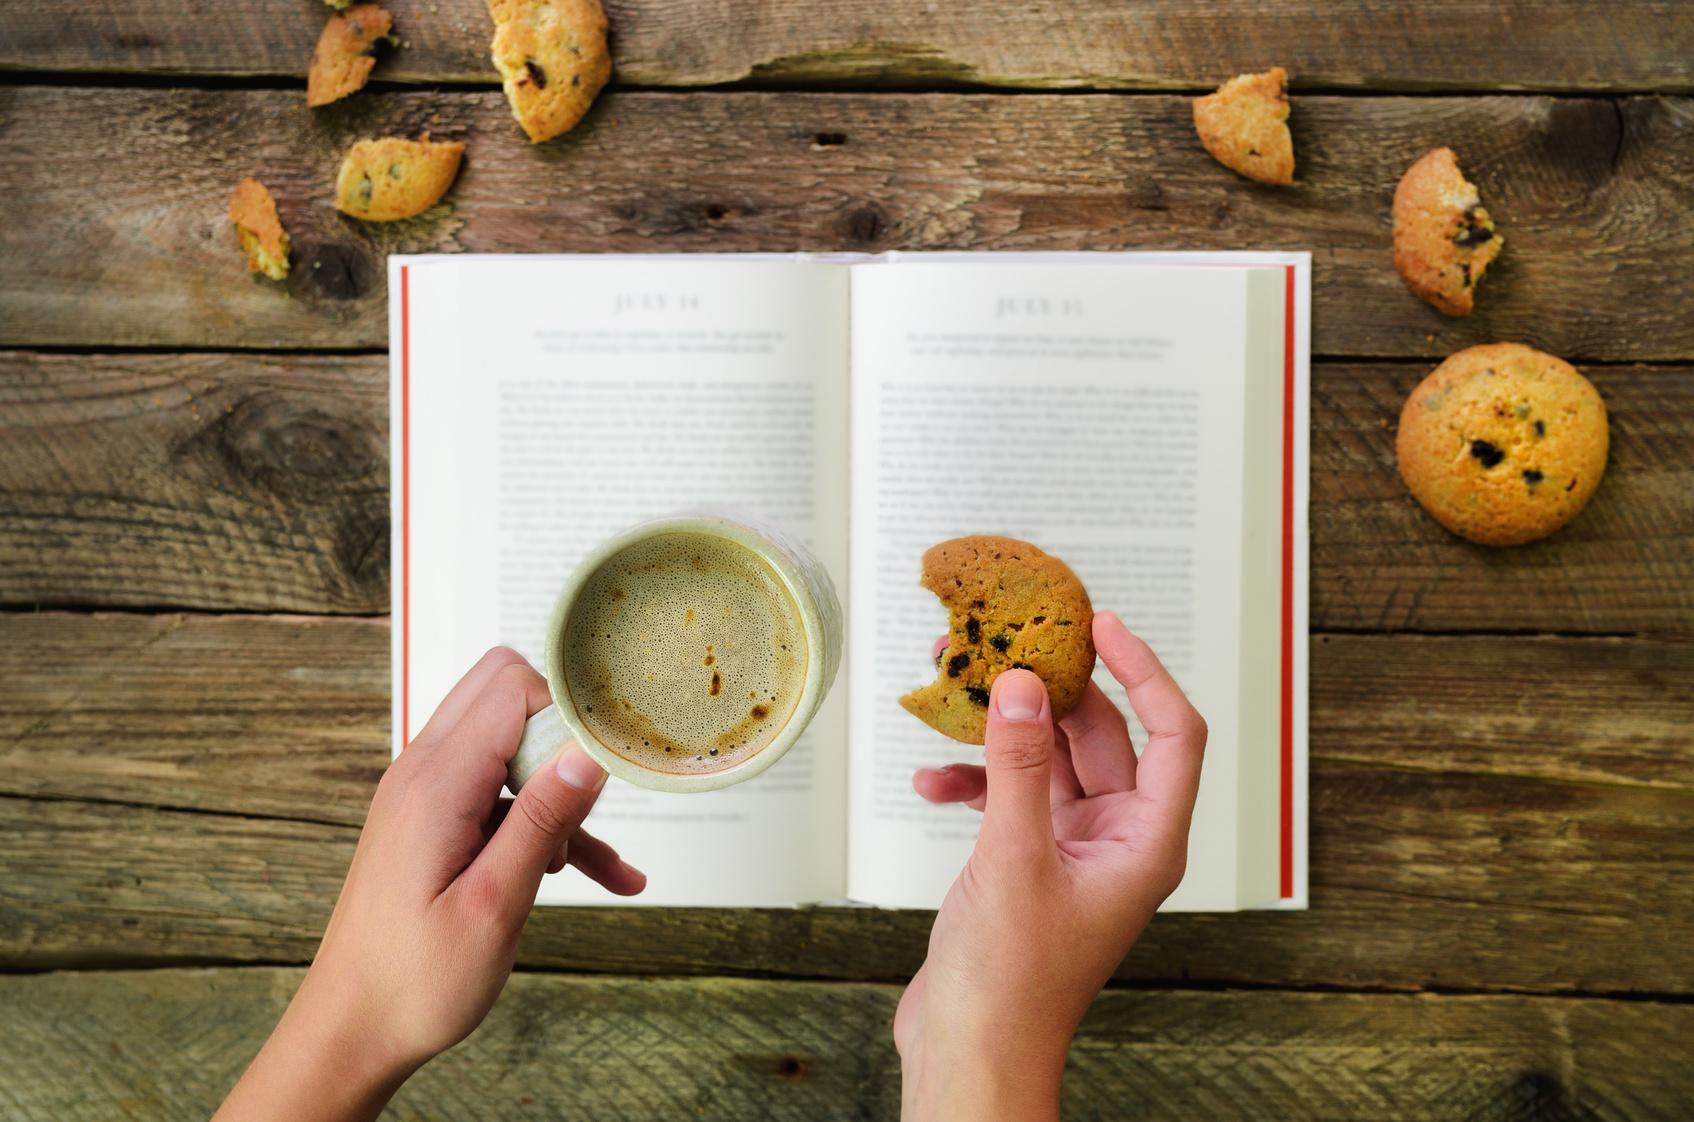 food writer